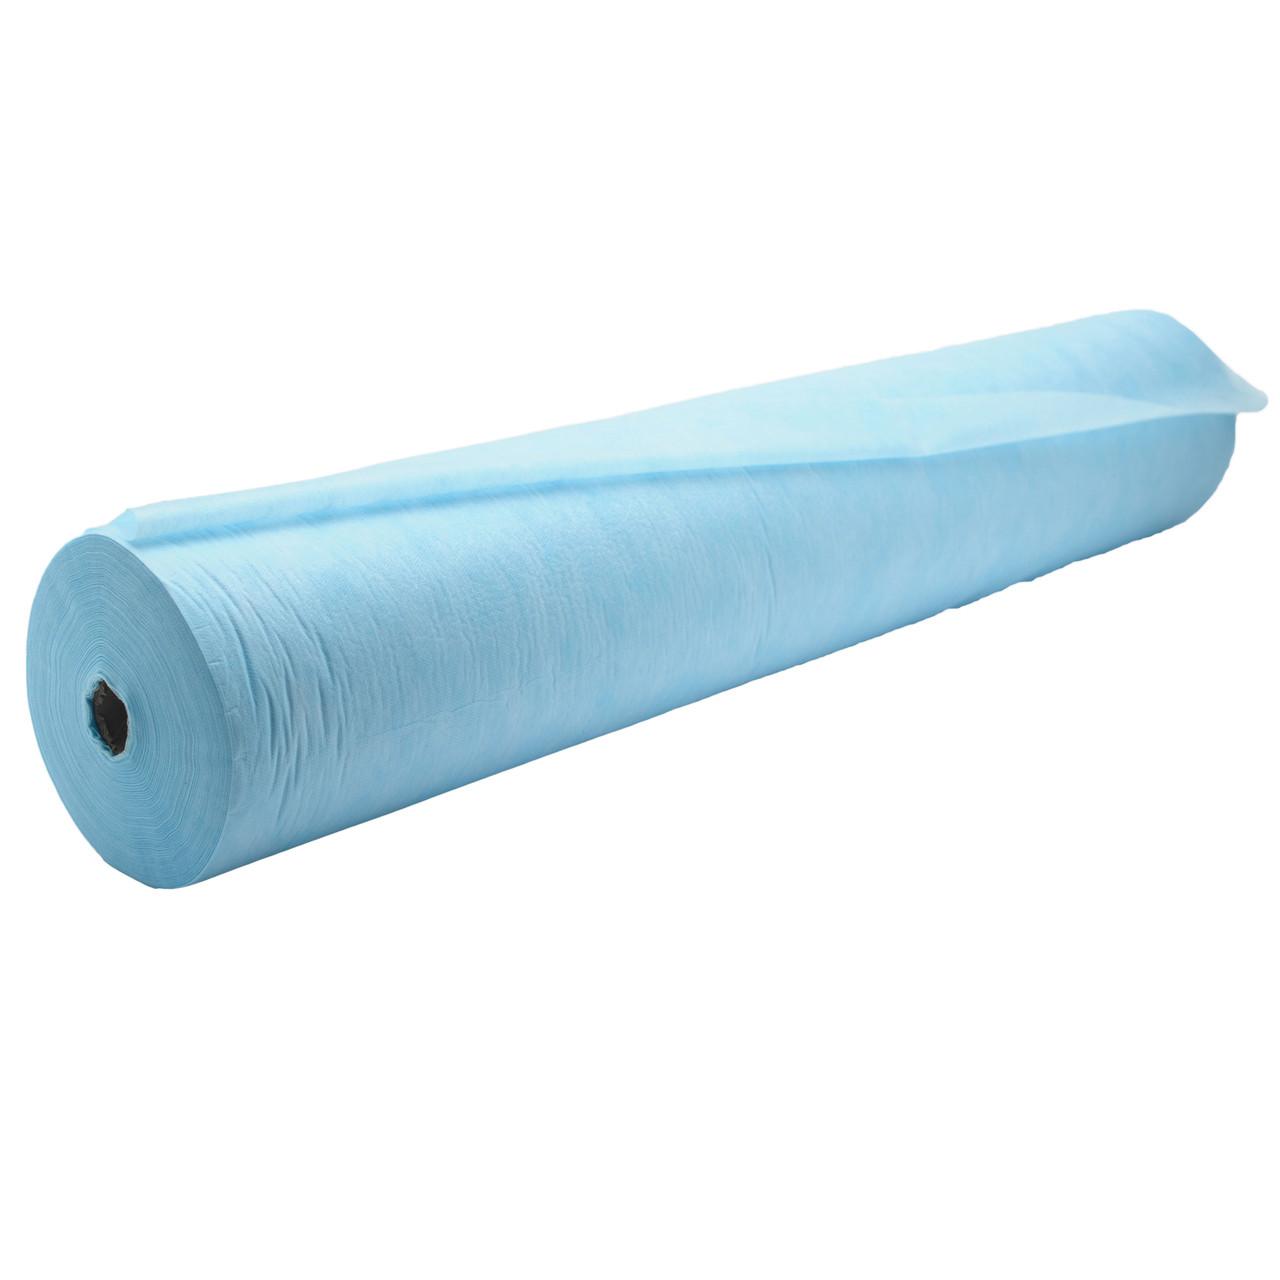 Простынь одноразовая голубая 17-19 г/м2 ширина 800мм